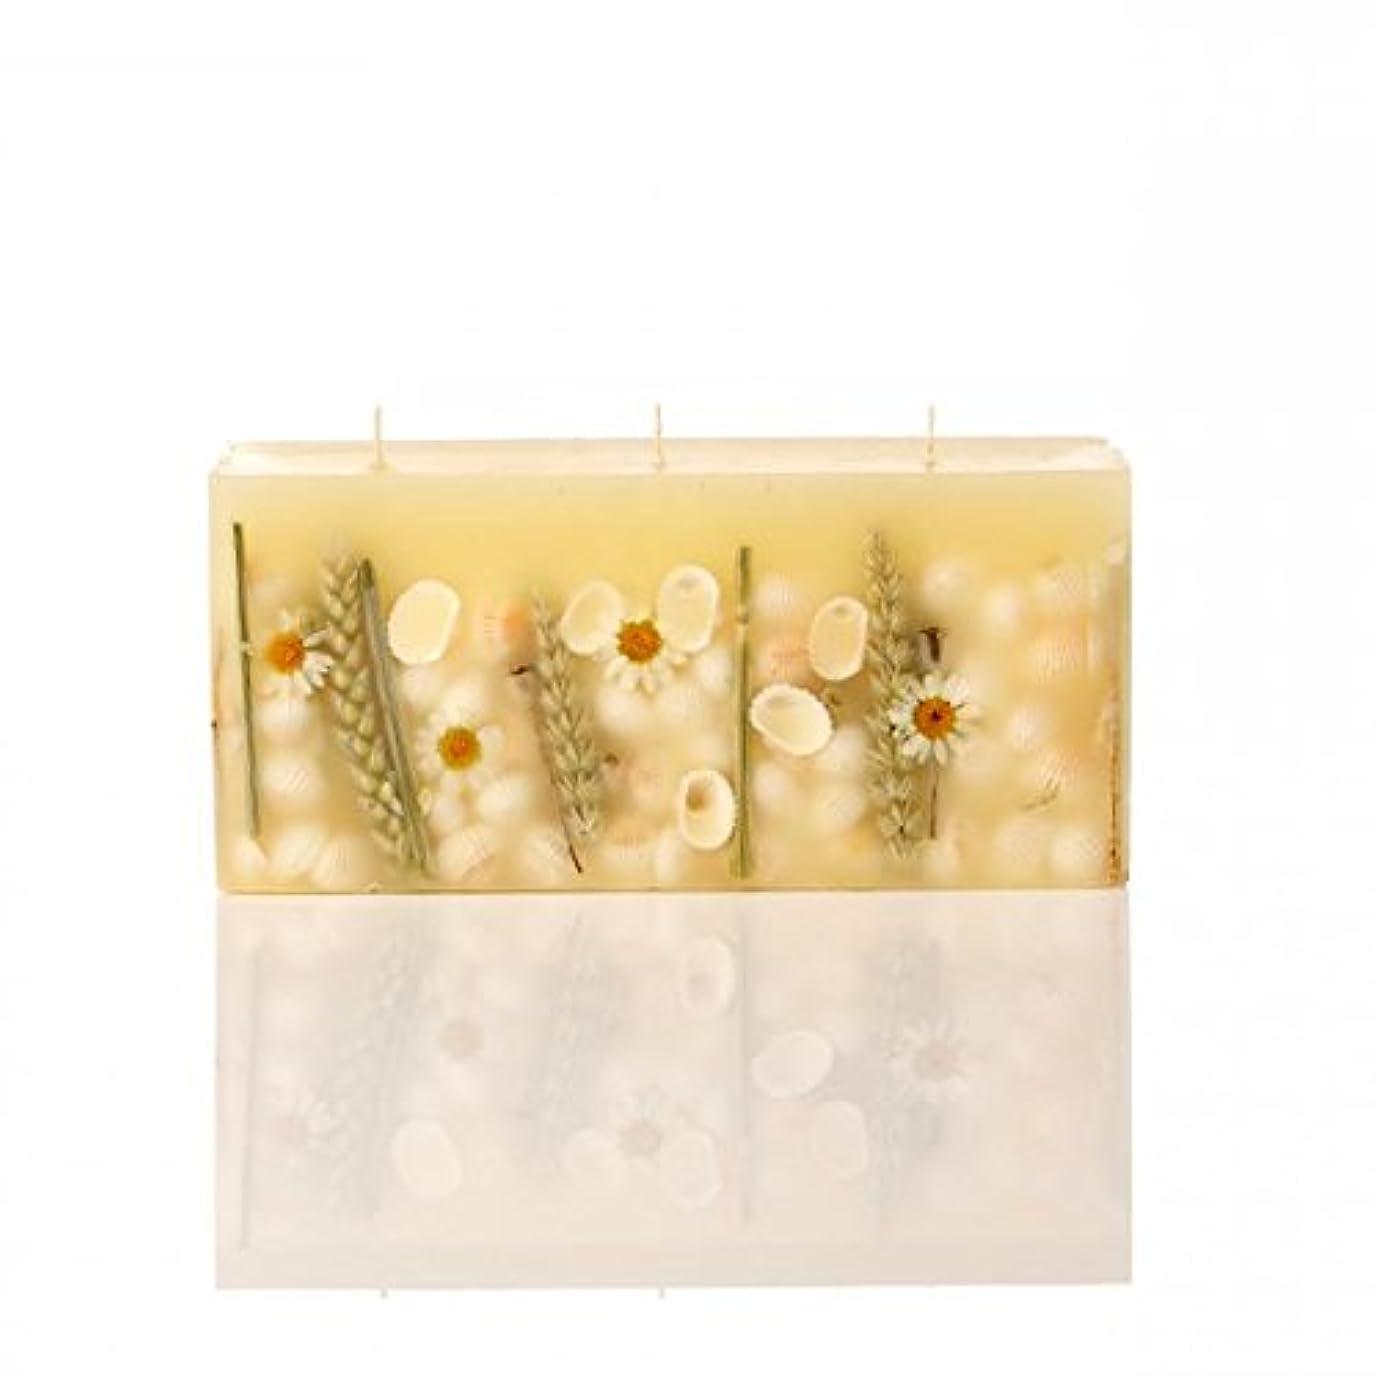 蜂スパイラル計画Rosy Rings 3芯レンガ植物キャンドル - ビーチデイジー